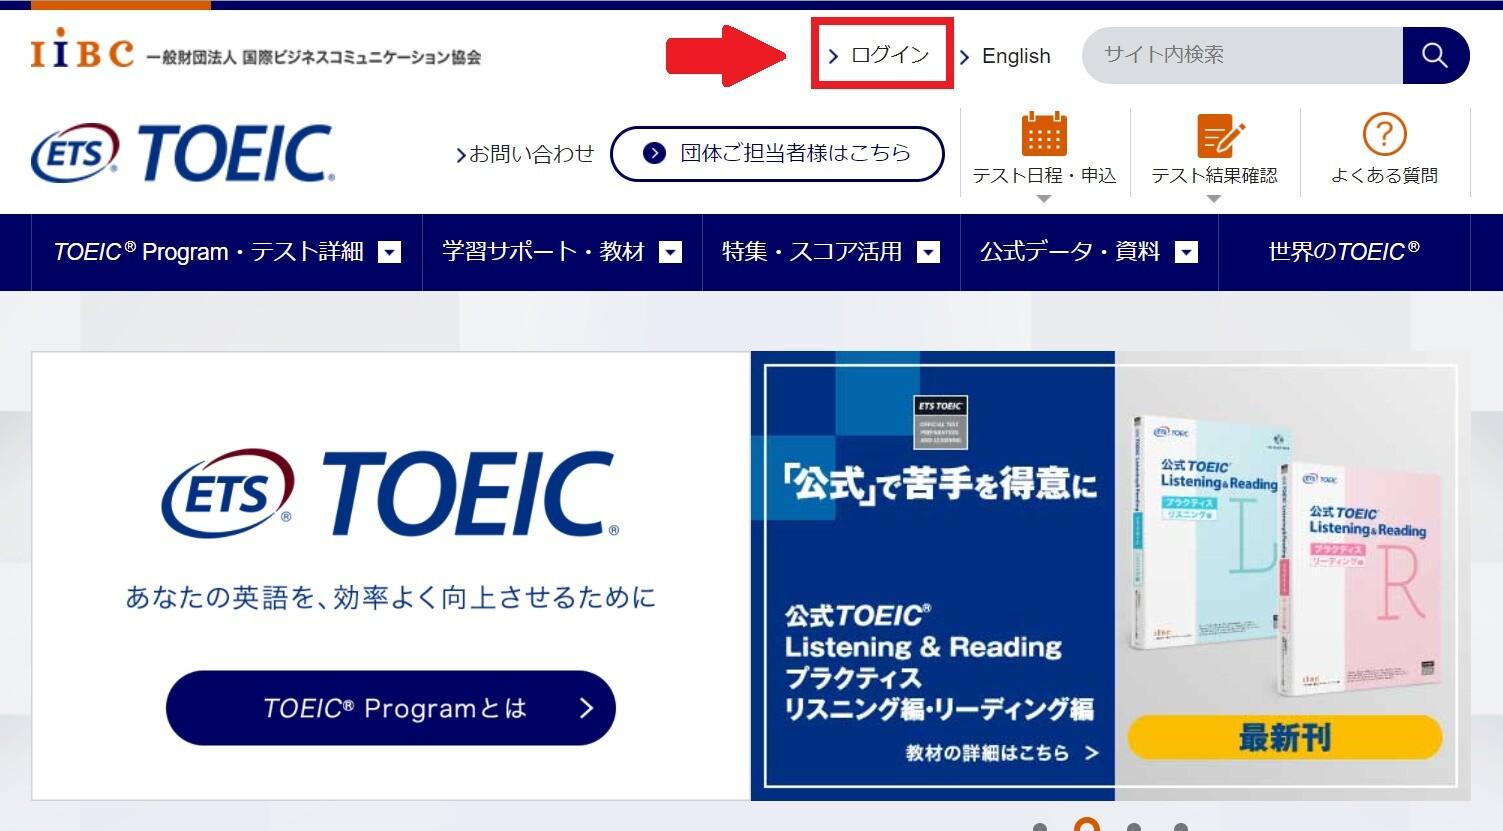 TOEICの公式サイトとログインボタン